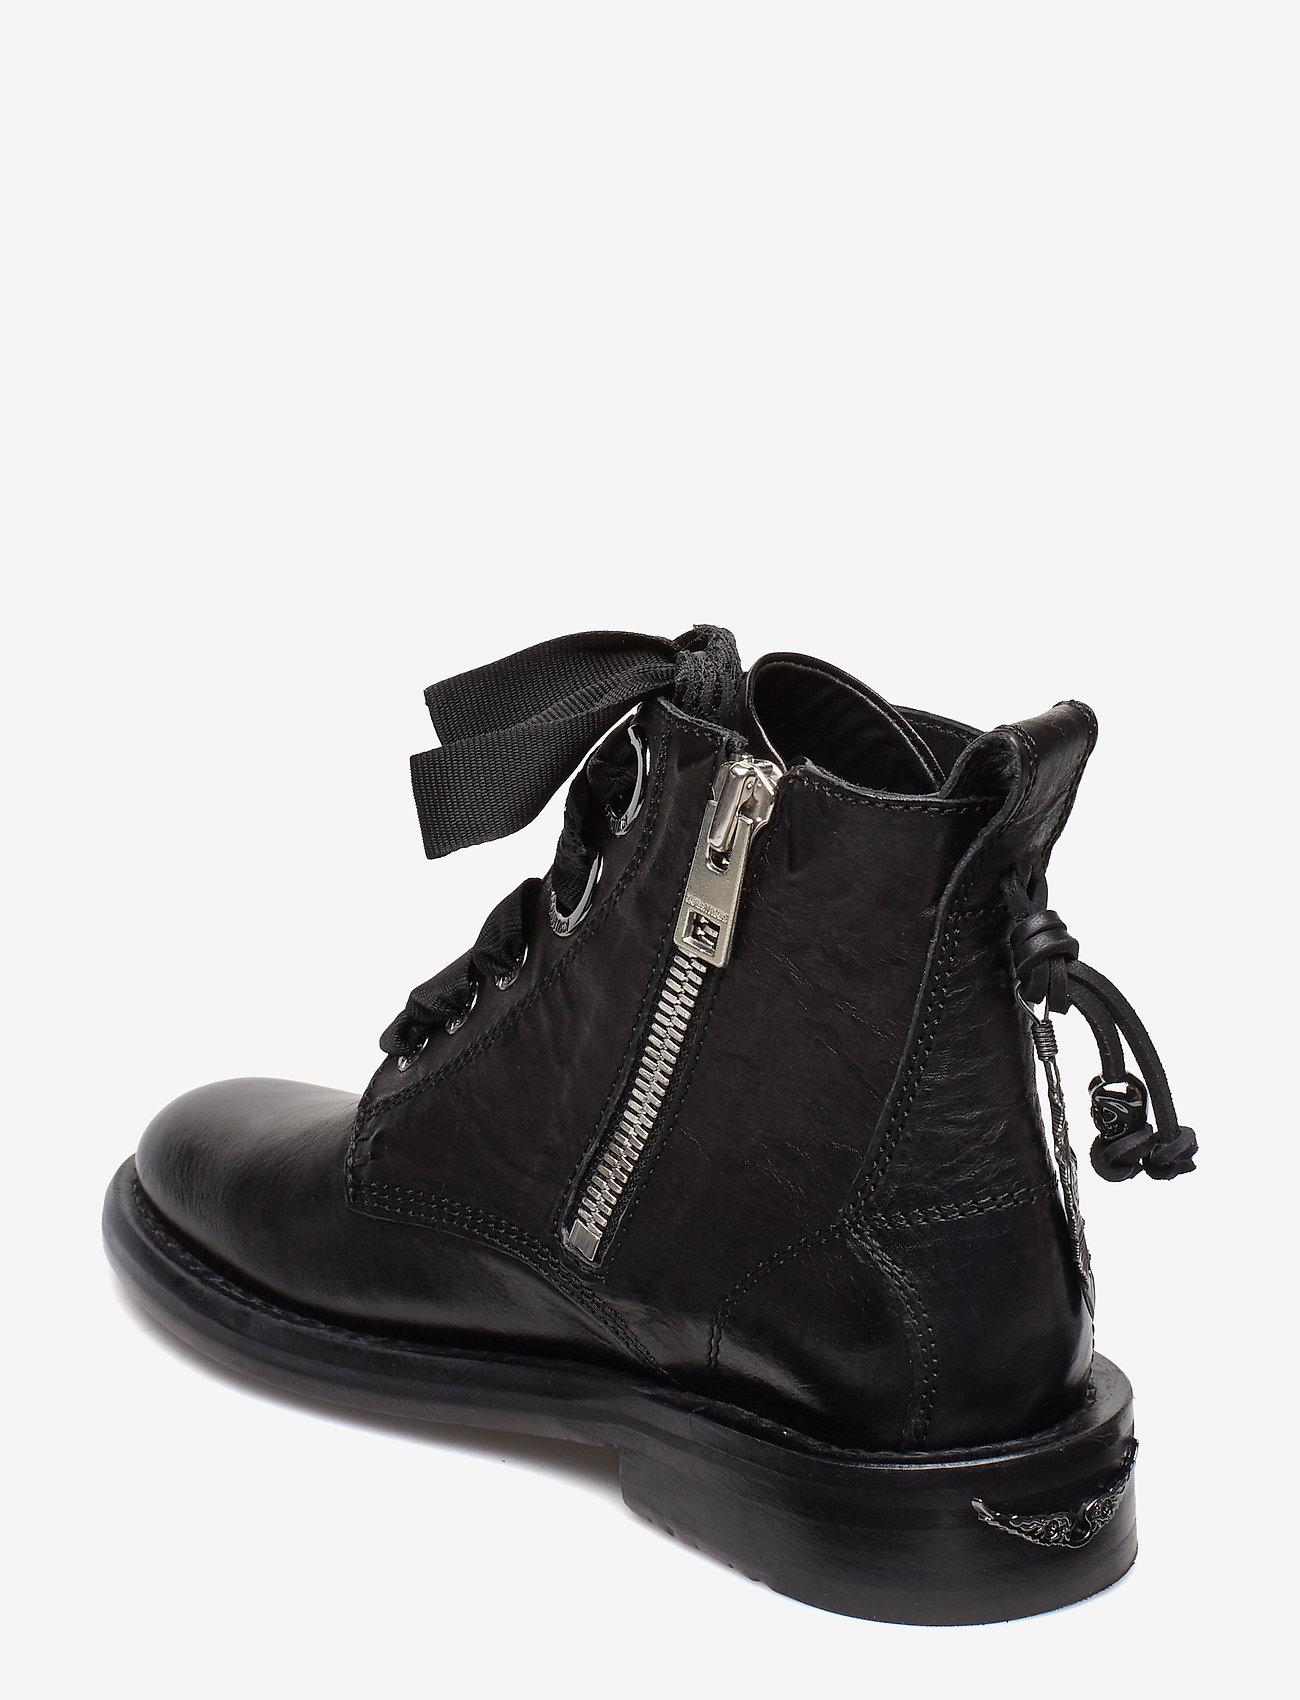 Zadig & Voltaire - LAUREEN ROMA SHOES - flade ankelstøvler - black - 2